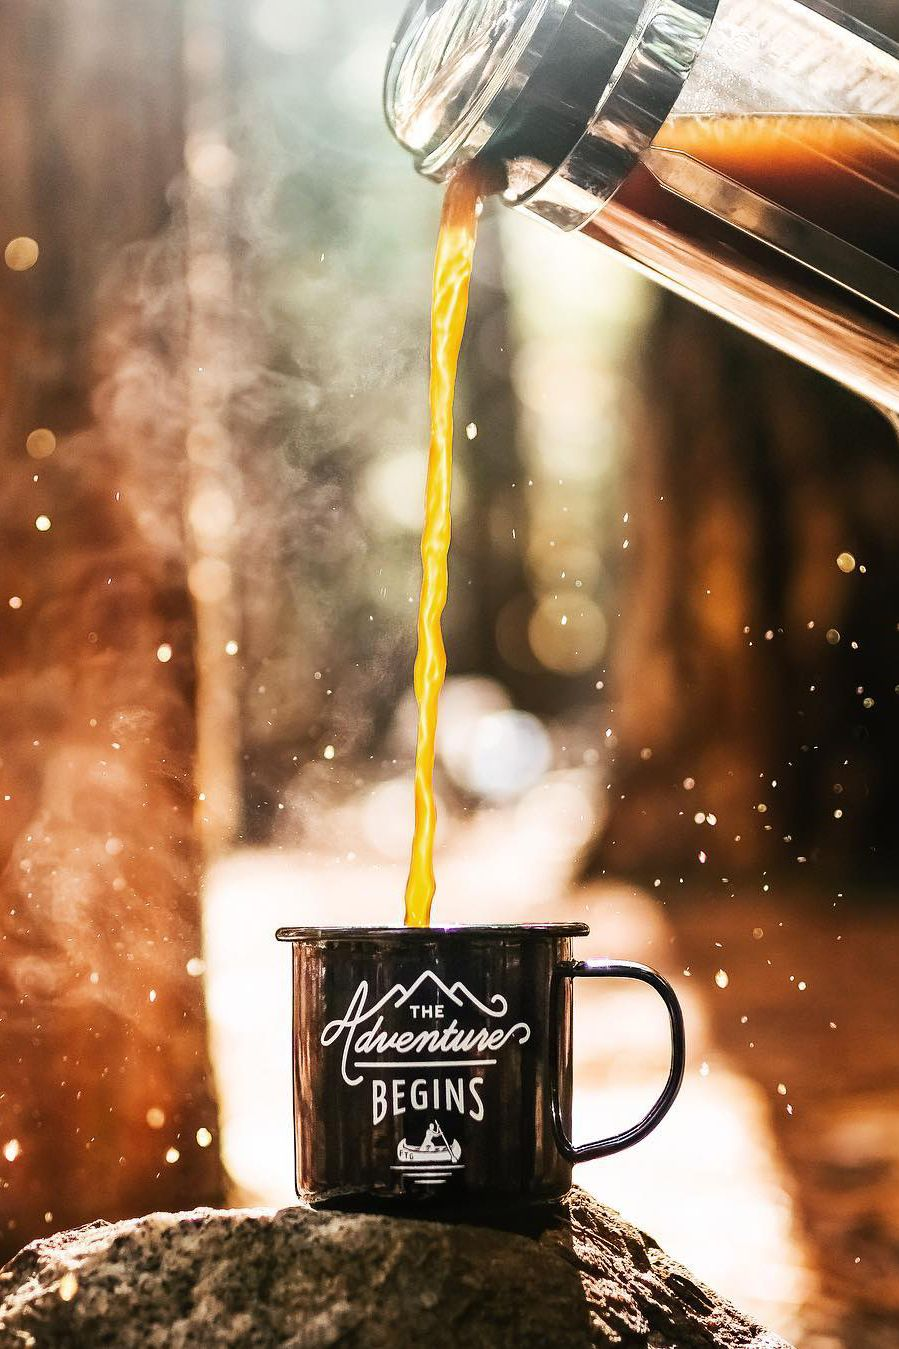 New post on banshy กาแฟ, การถ่ายภาพ, ของเก่า